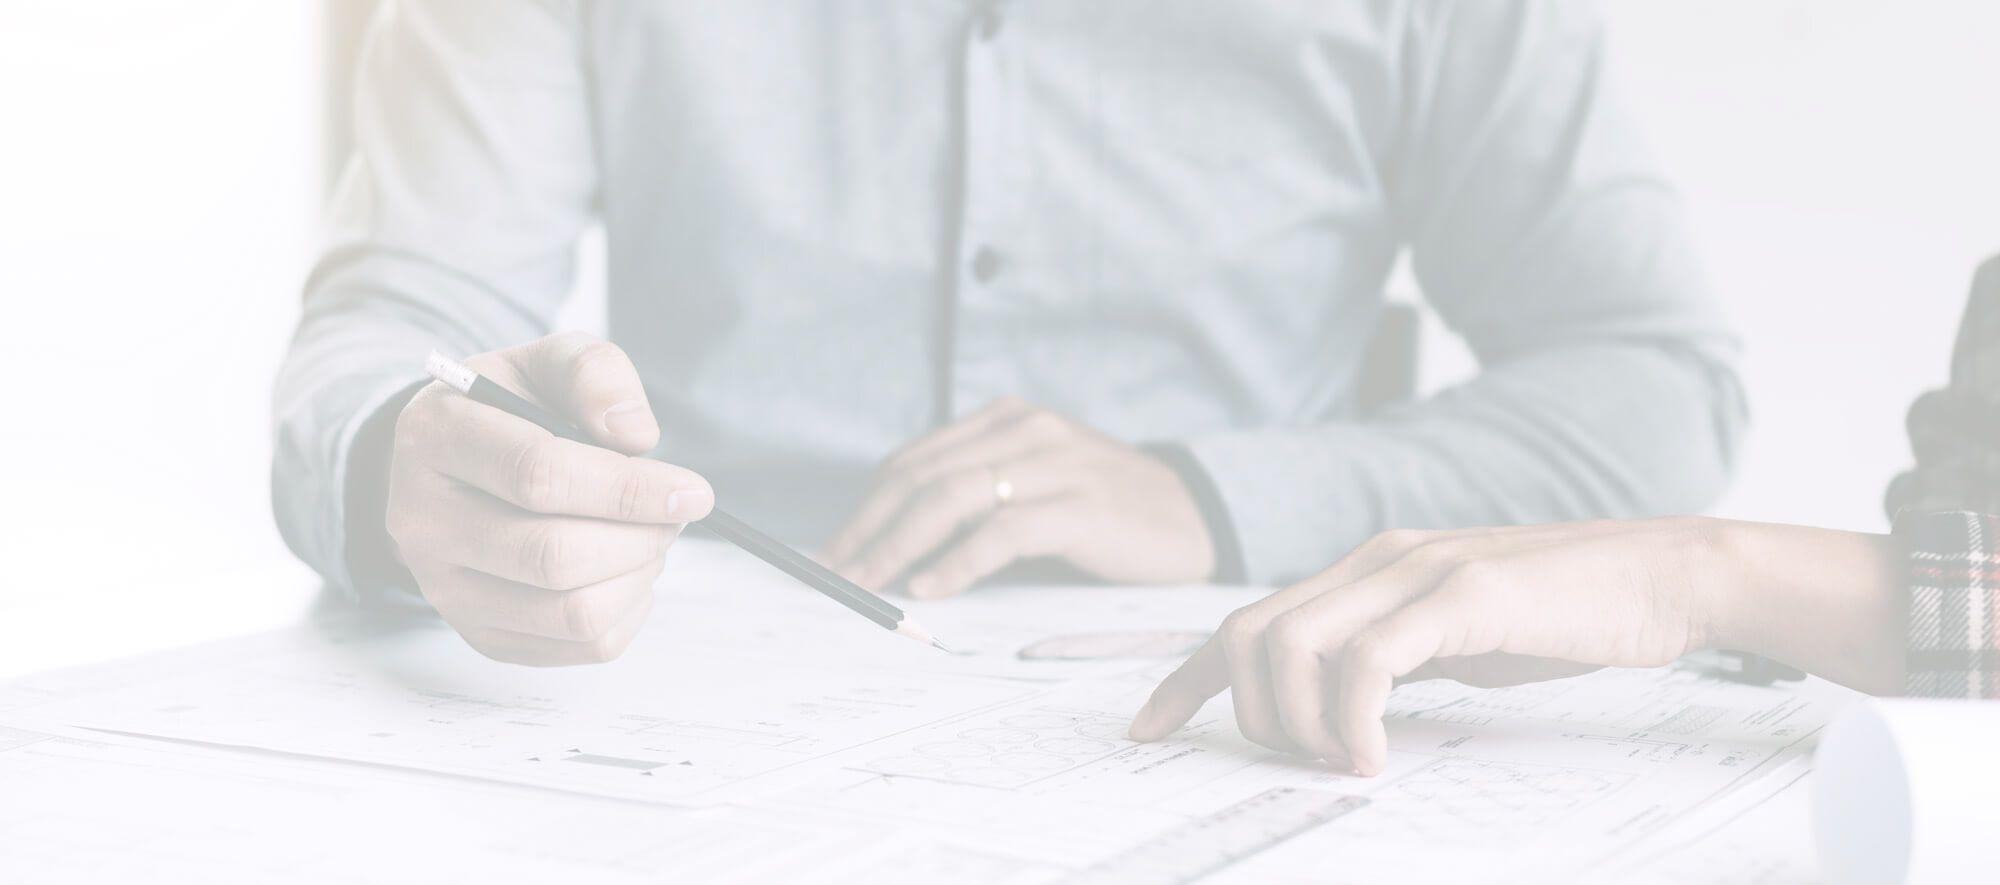 Bauunternehmen in 02957 Krauschwitz | HK Bauplanung